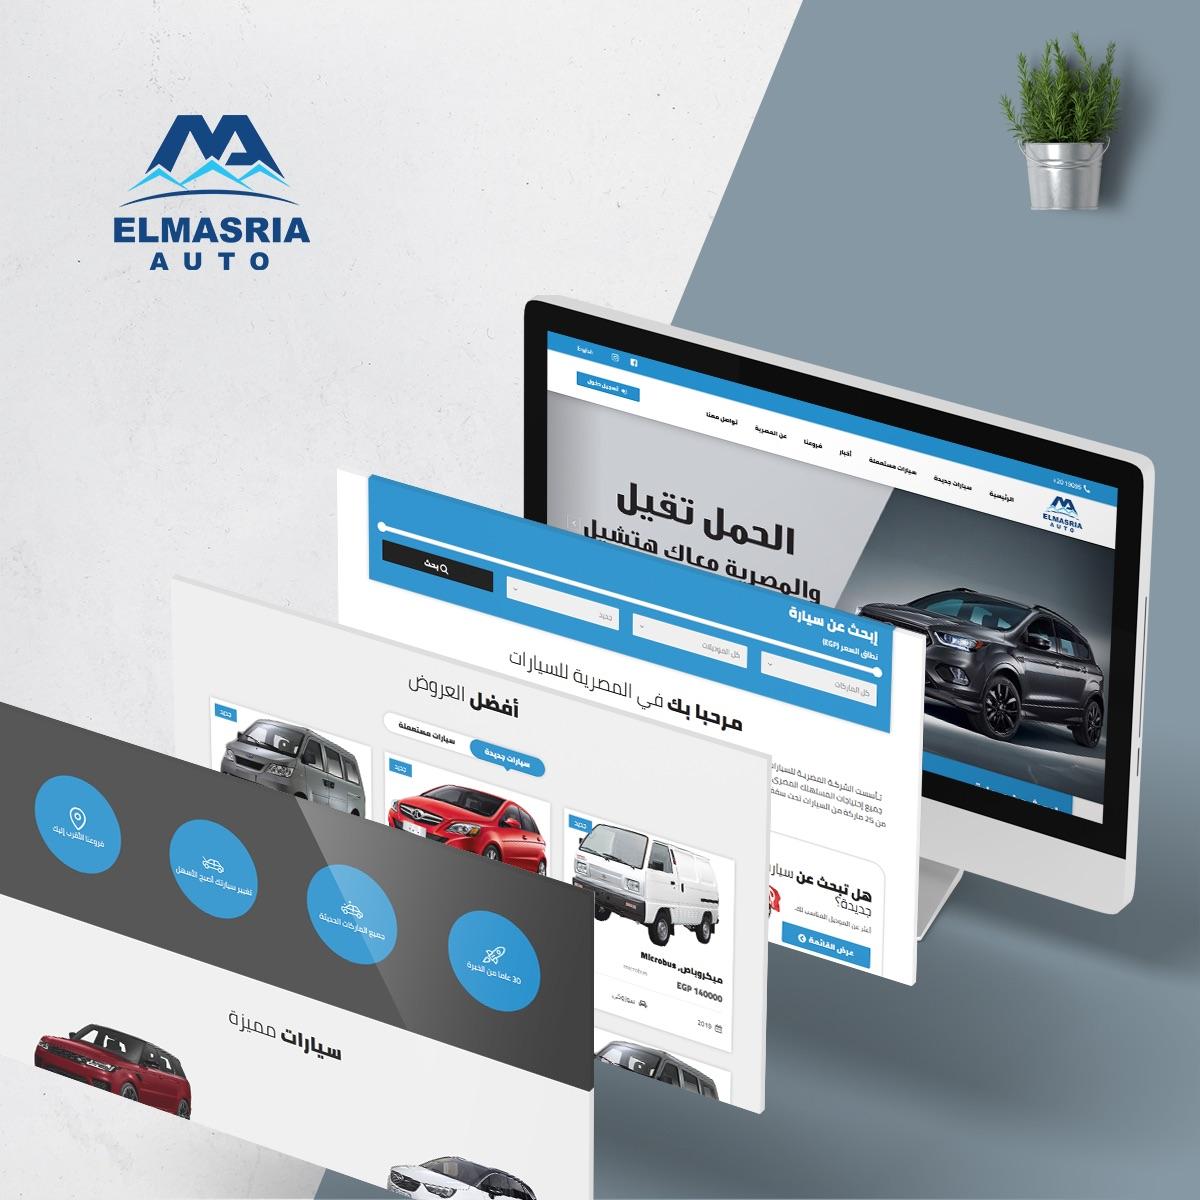 Elmasria-web